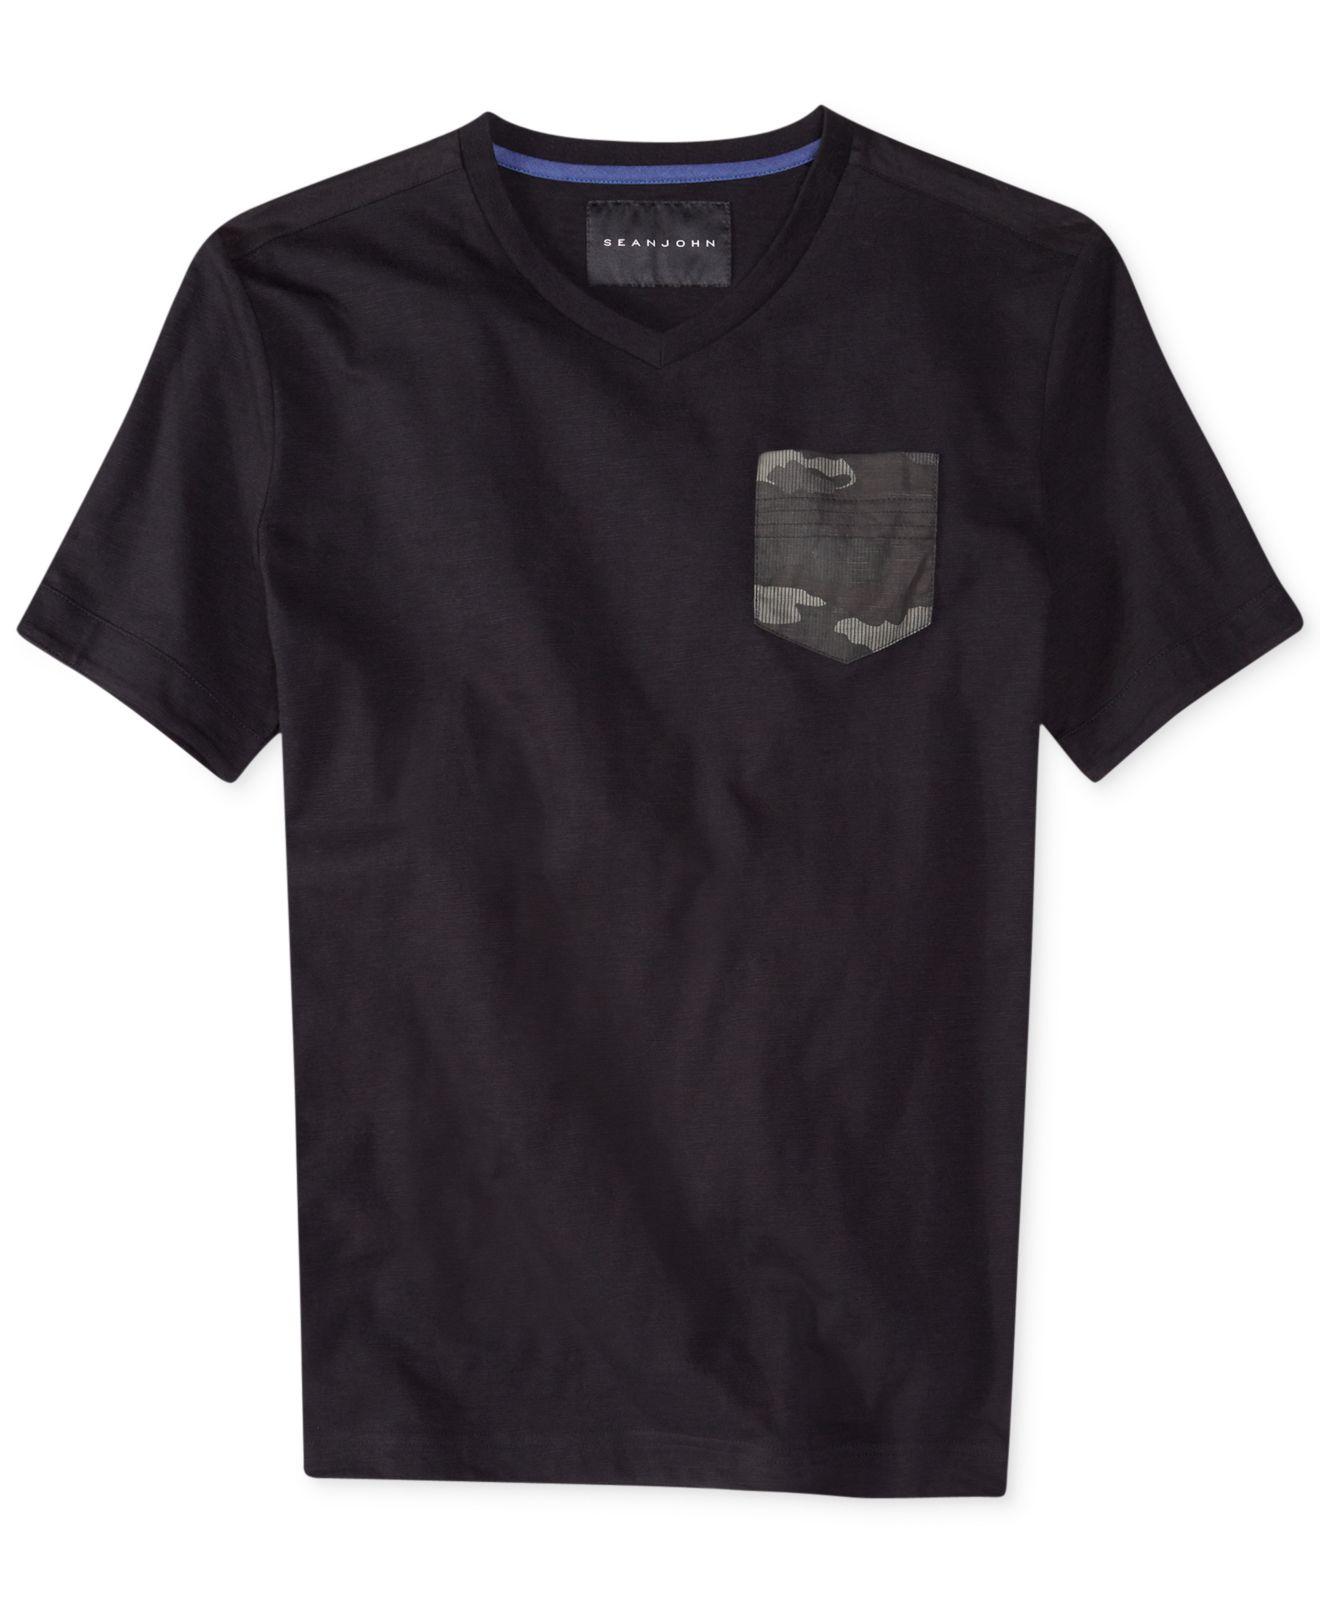 Sean john the capsule v neck t shirt in black for men lyst for Sean john t shirts for mens